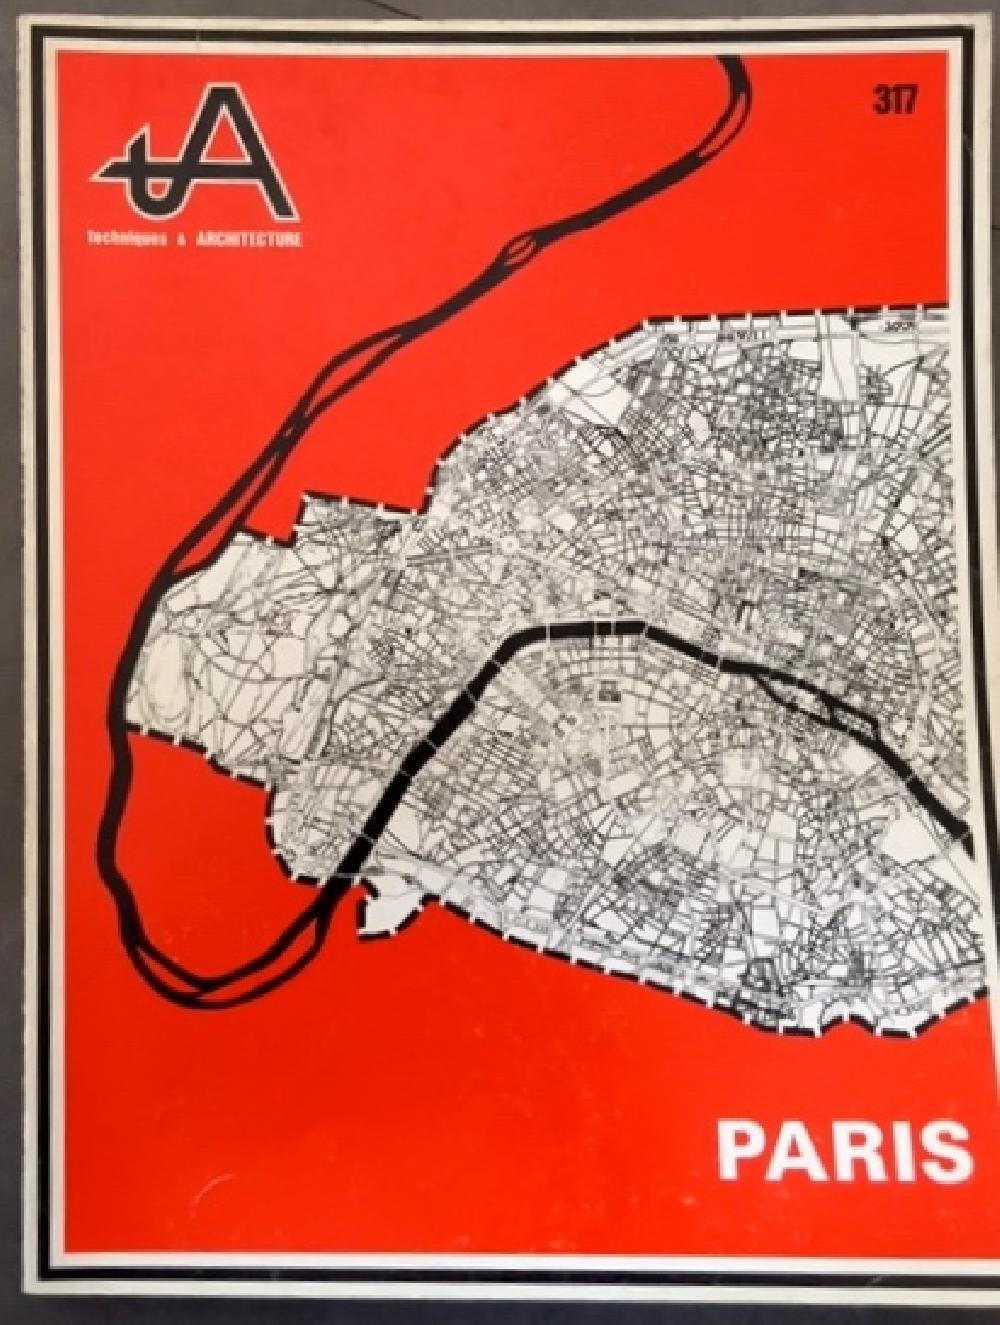 Techniques & Architecture n°317 - PARIS